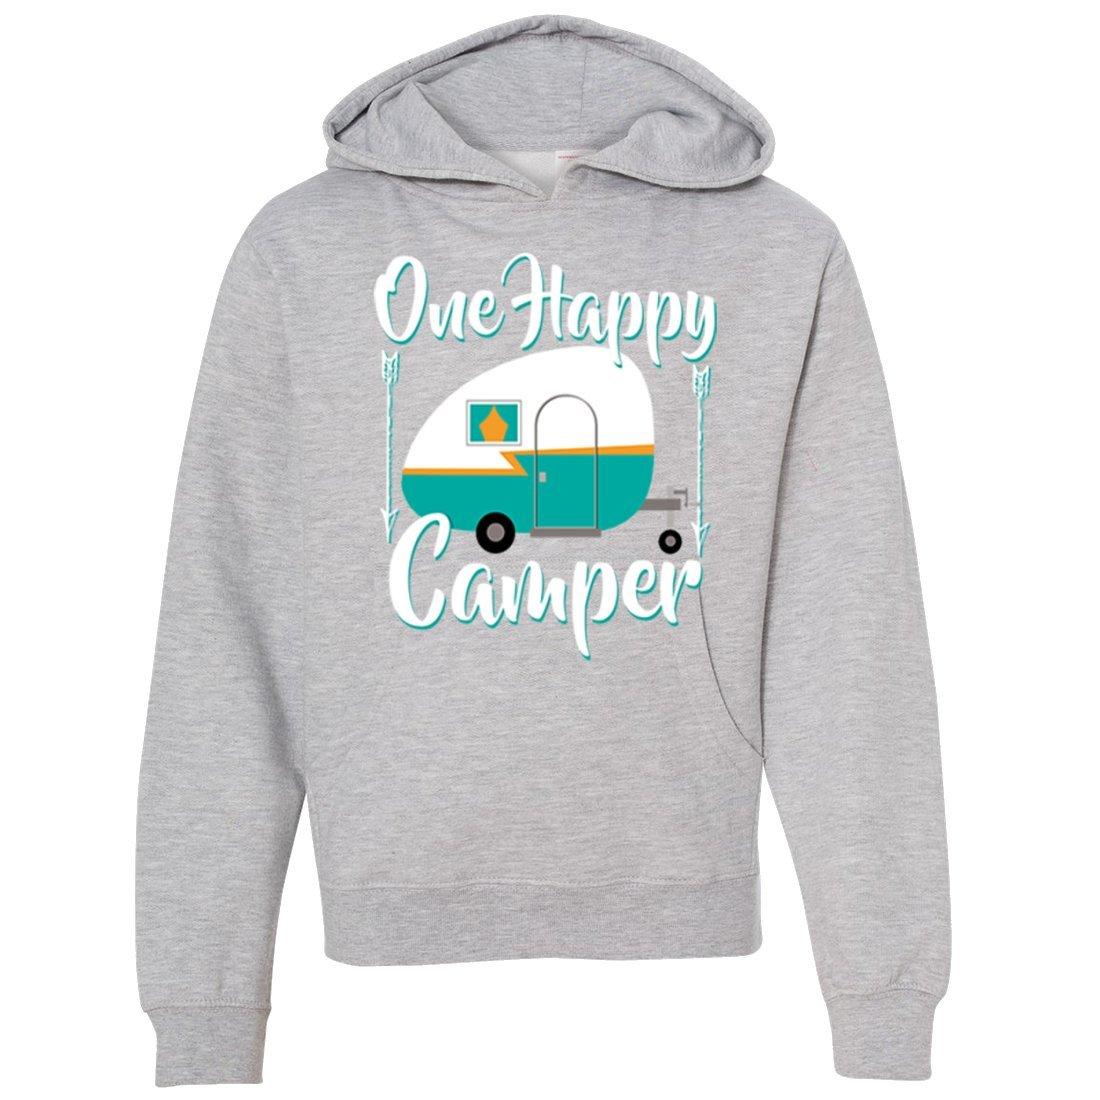 Happy Camper Premium Youth Sweatshirt Hoodie